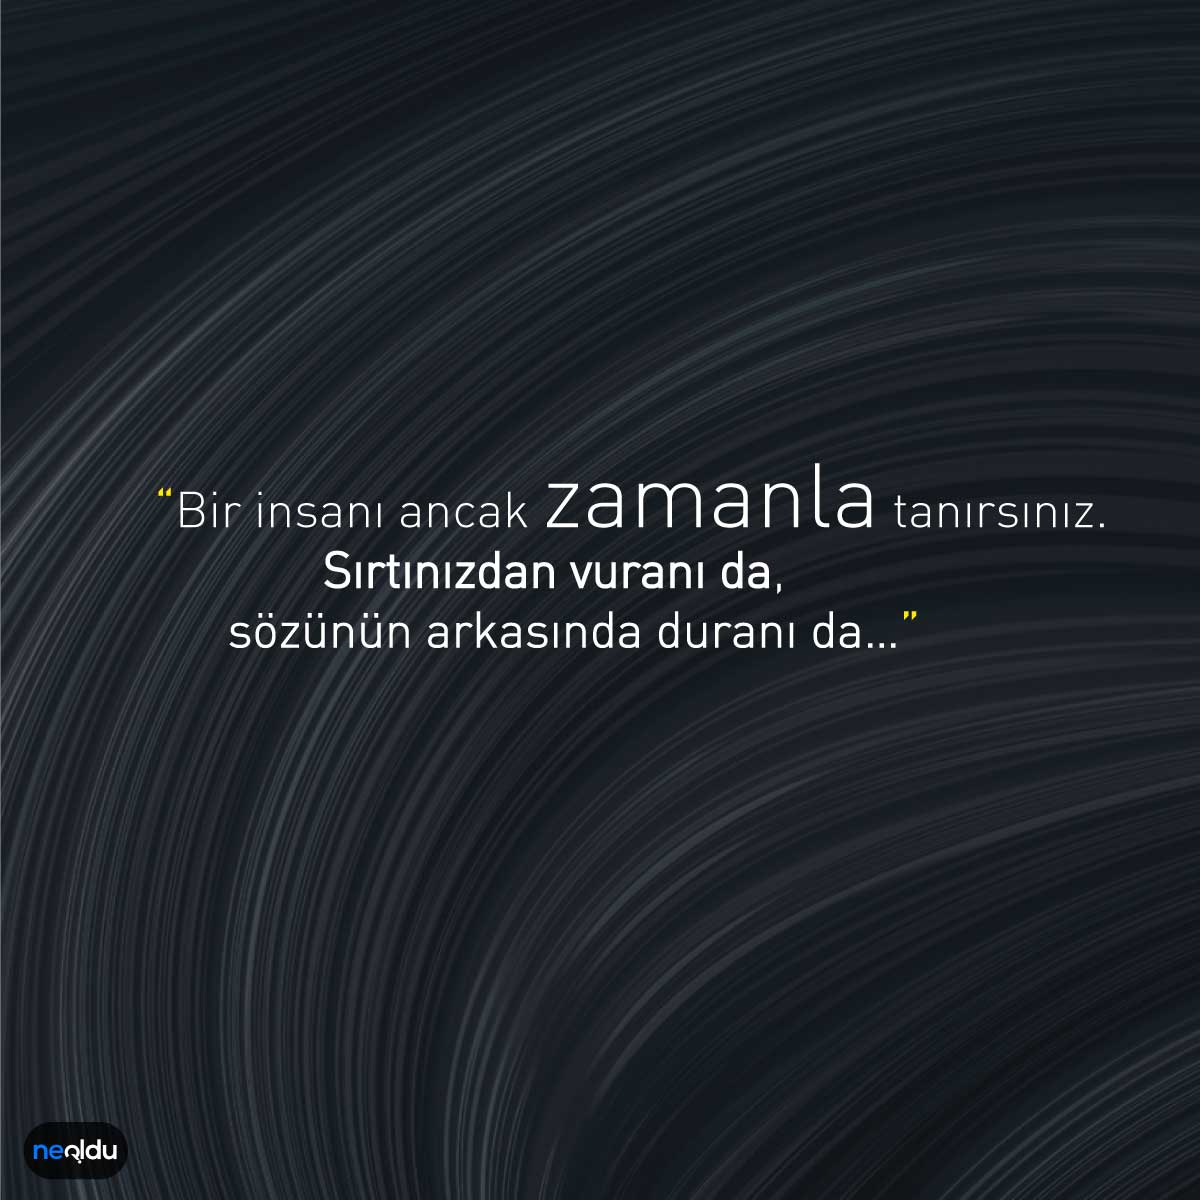 Atalı Sözler